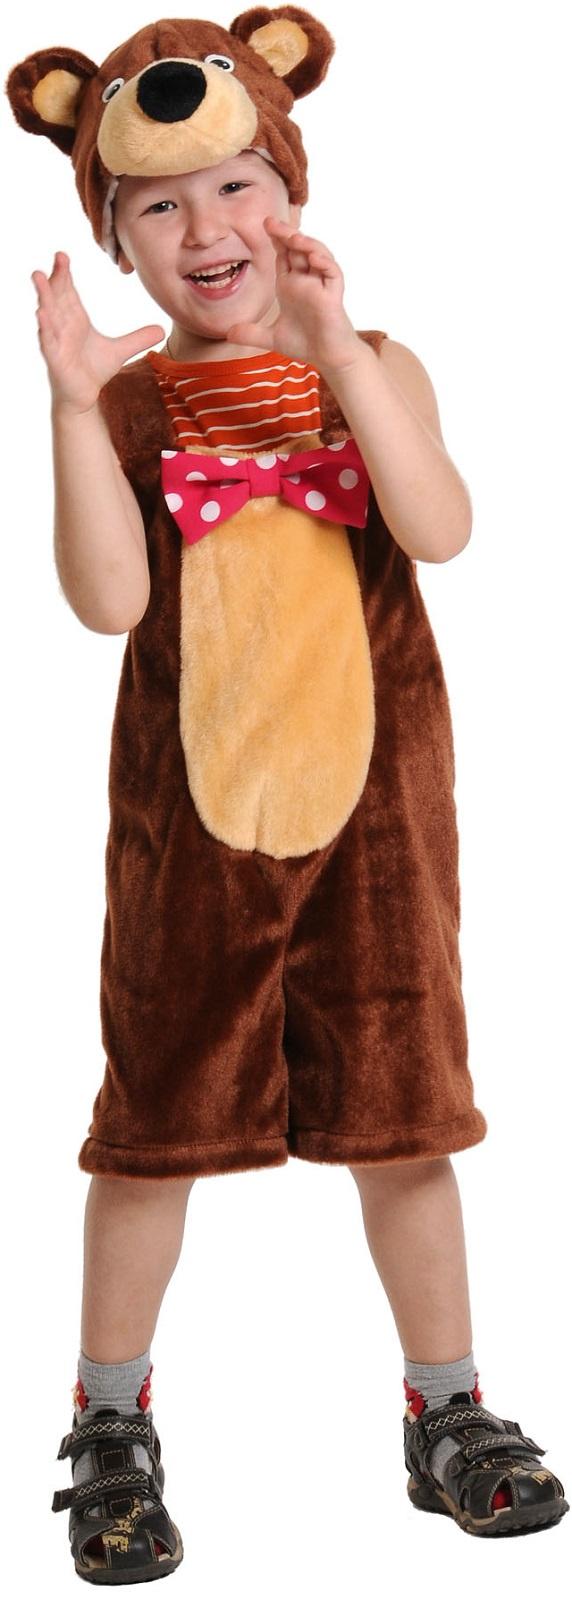 Карнавалофф Карнавальный костюм Медведь цирковой плюш недорго, оригинальная цена